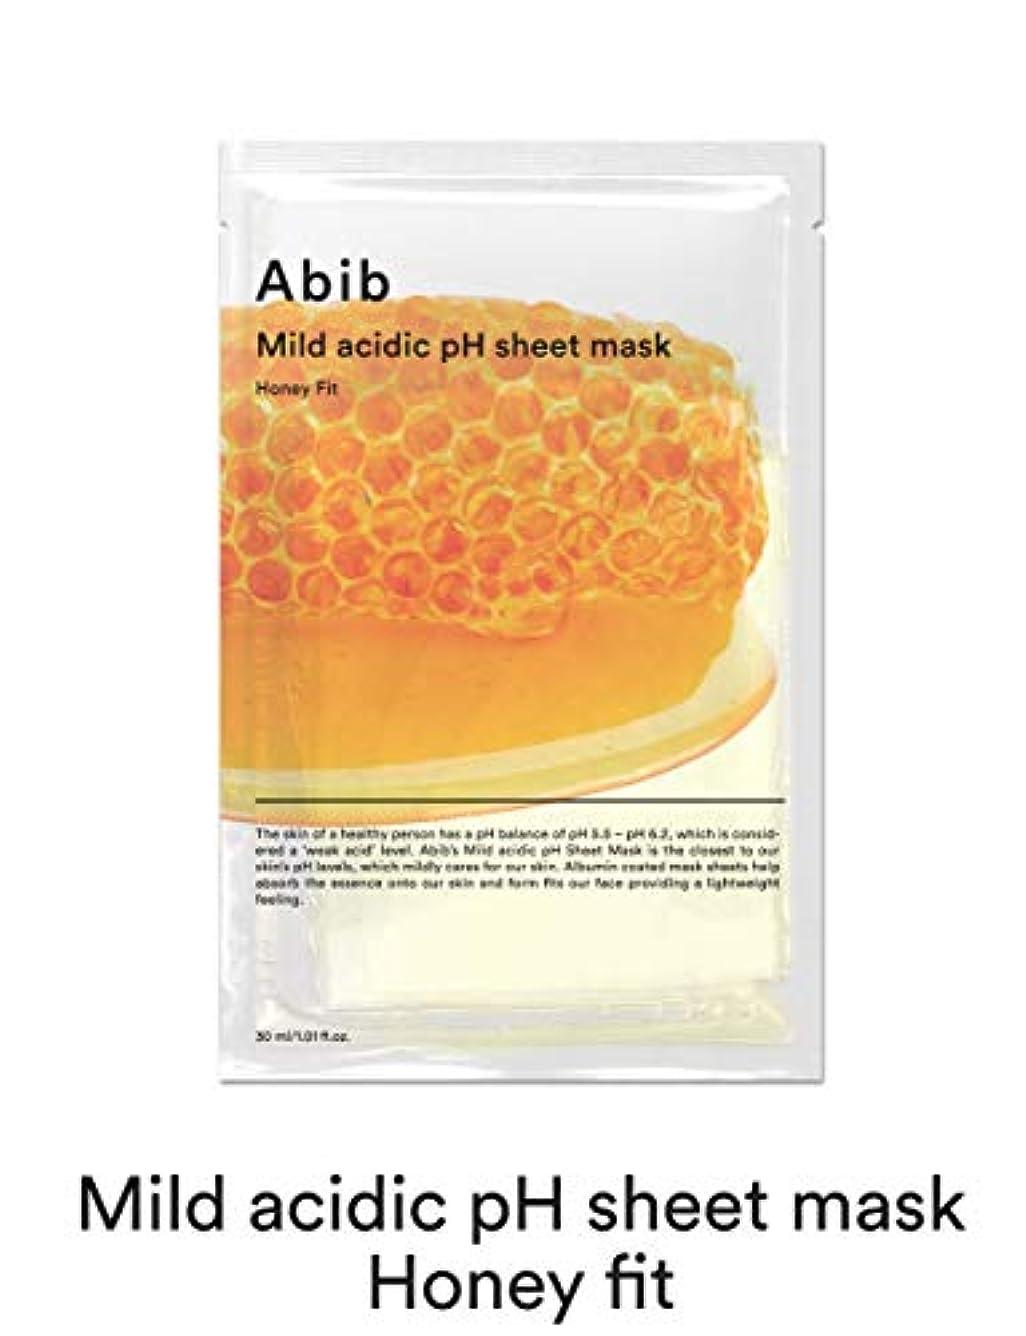 サスティーン脚本家家具[Abib] アビブ弱酸性pHシートマスクハニーフィット 30mlx10枚 / ABIB MILD ACIDIC pH SHEET MASK HONEY FIT 30mlx10EA [並行輸入品]